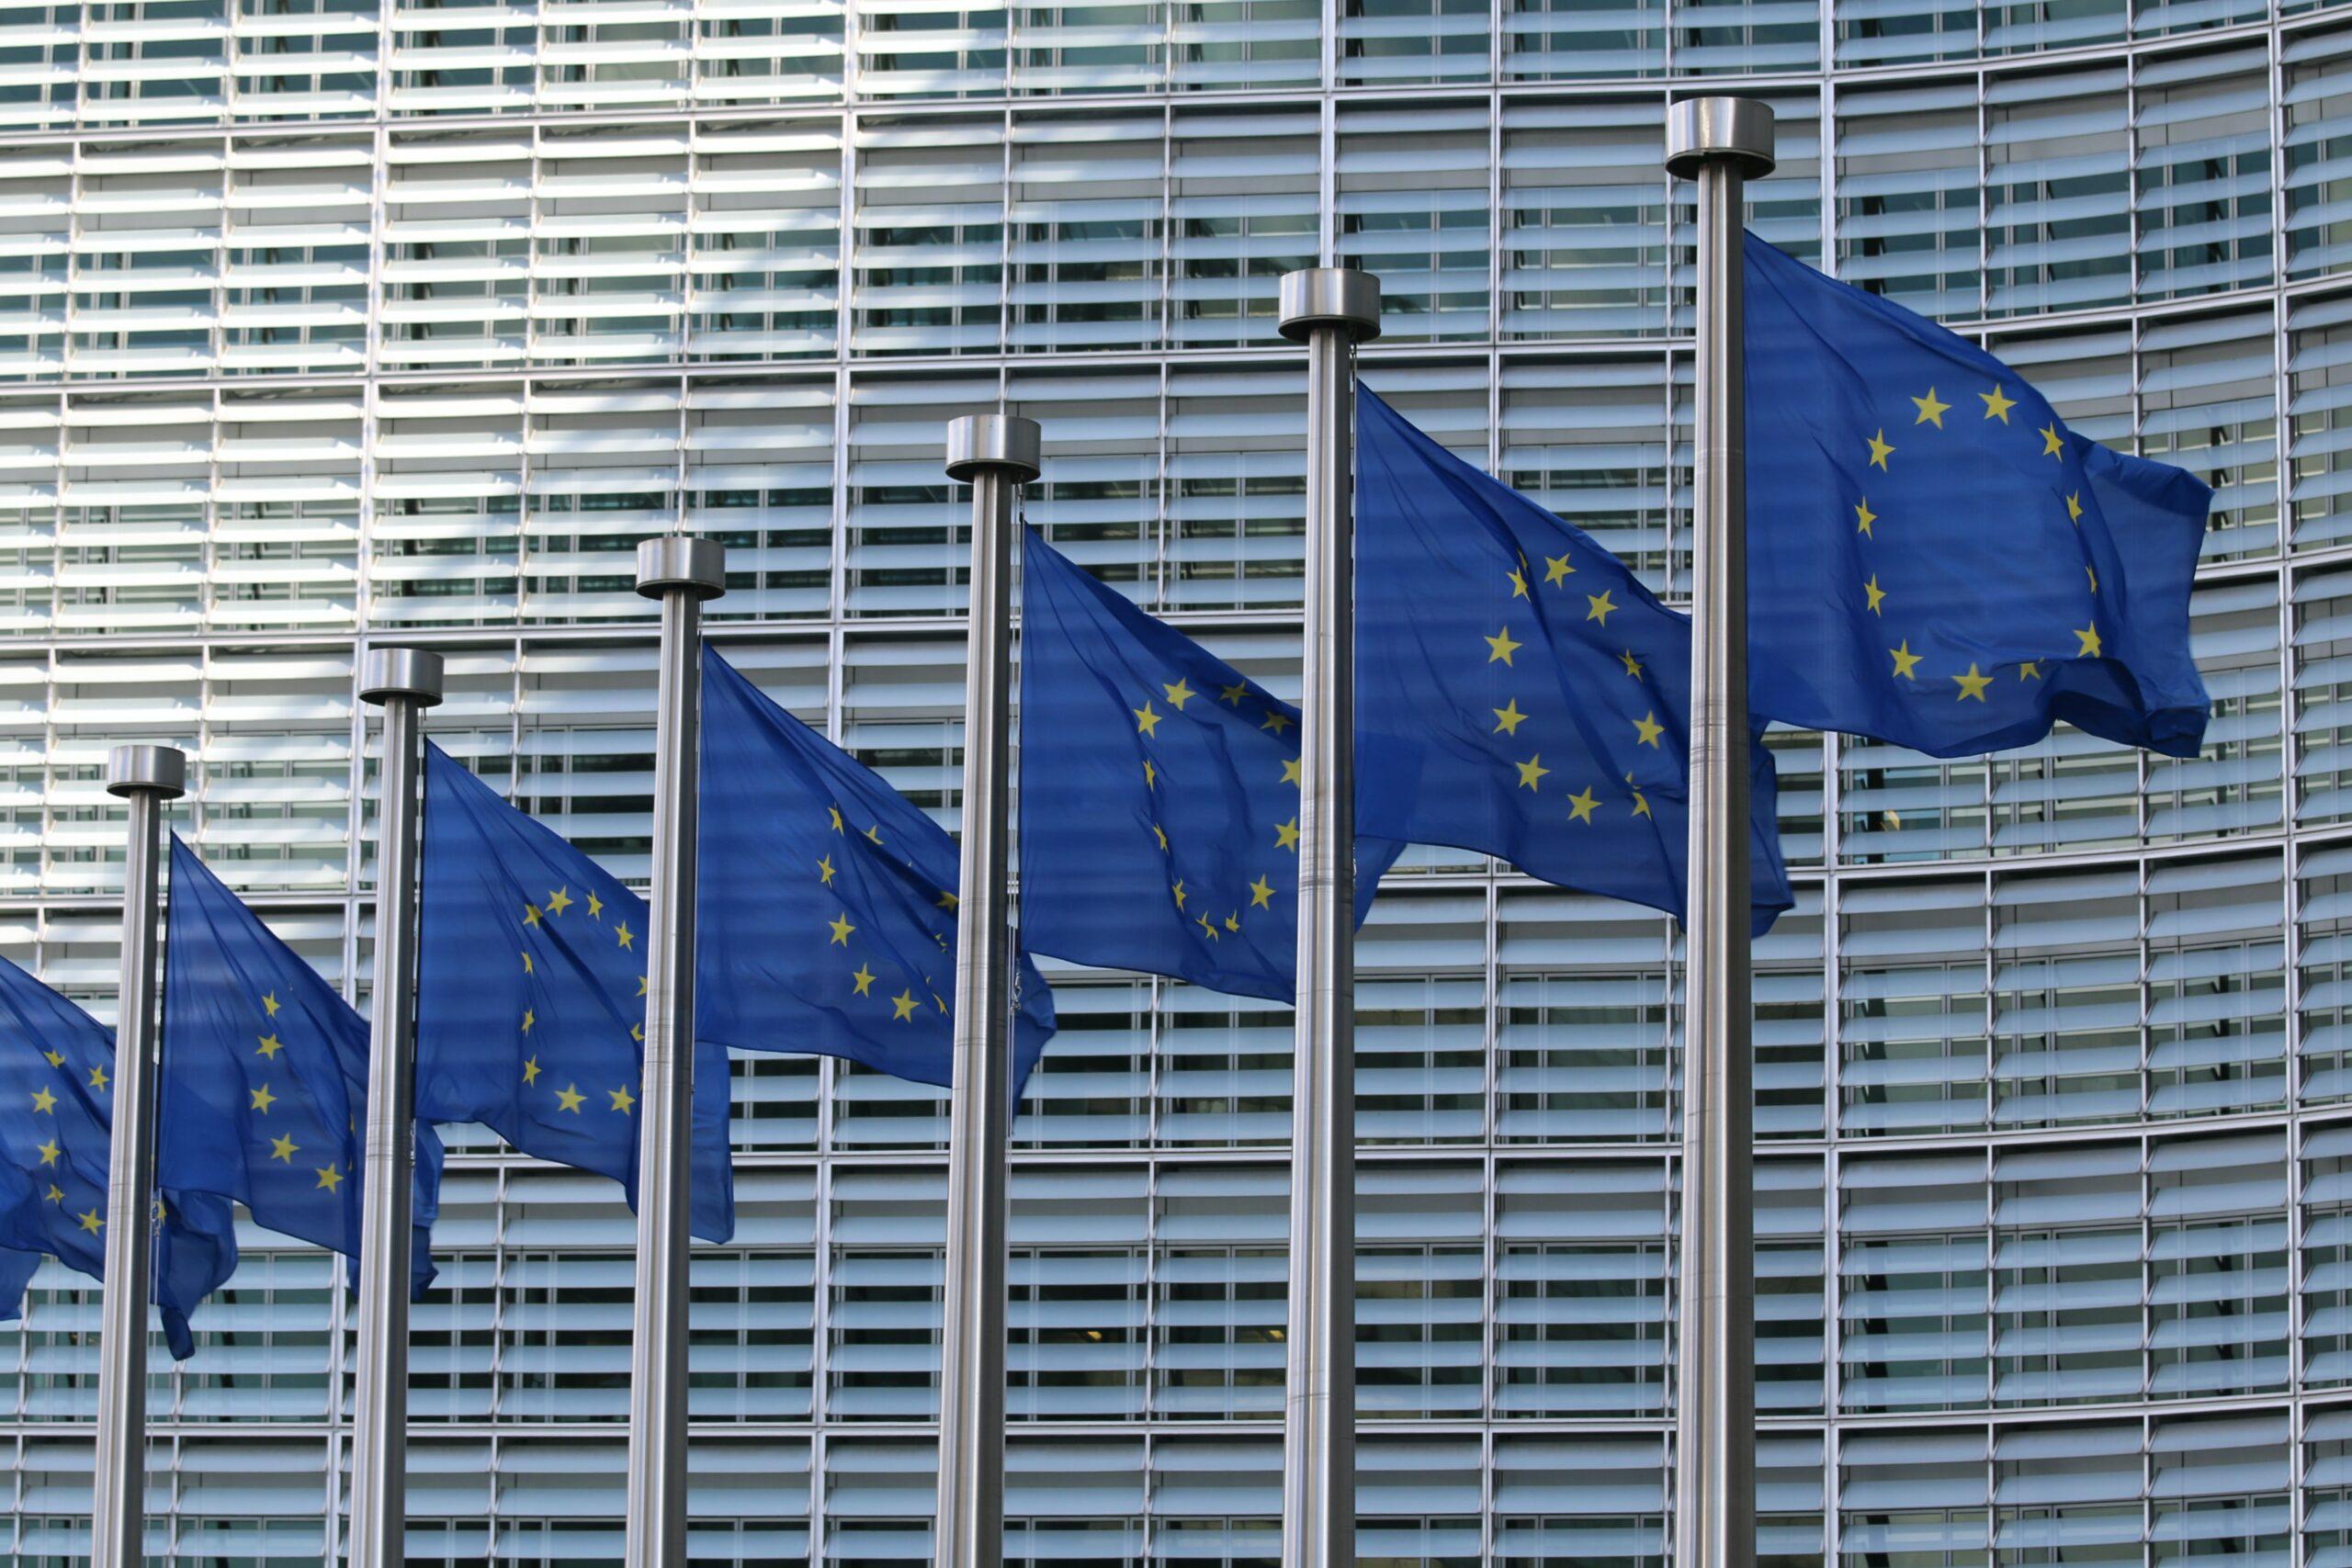 Pomorski sejmik za Unią Europejską. Wzywa rząd, by nie wetował unijnego budżetu